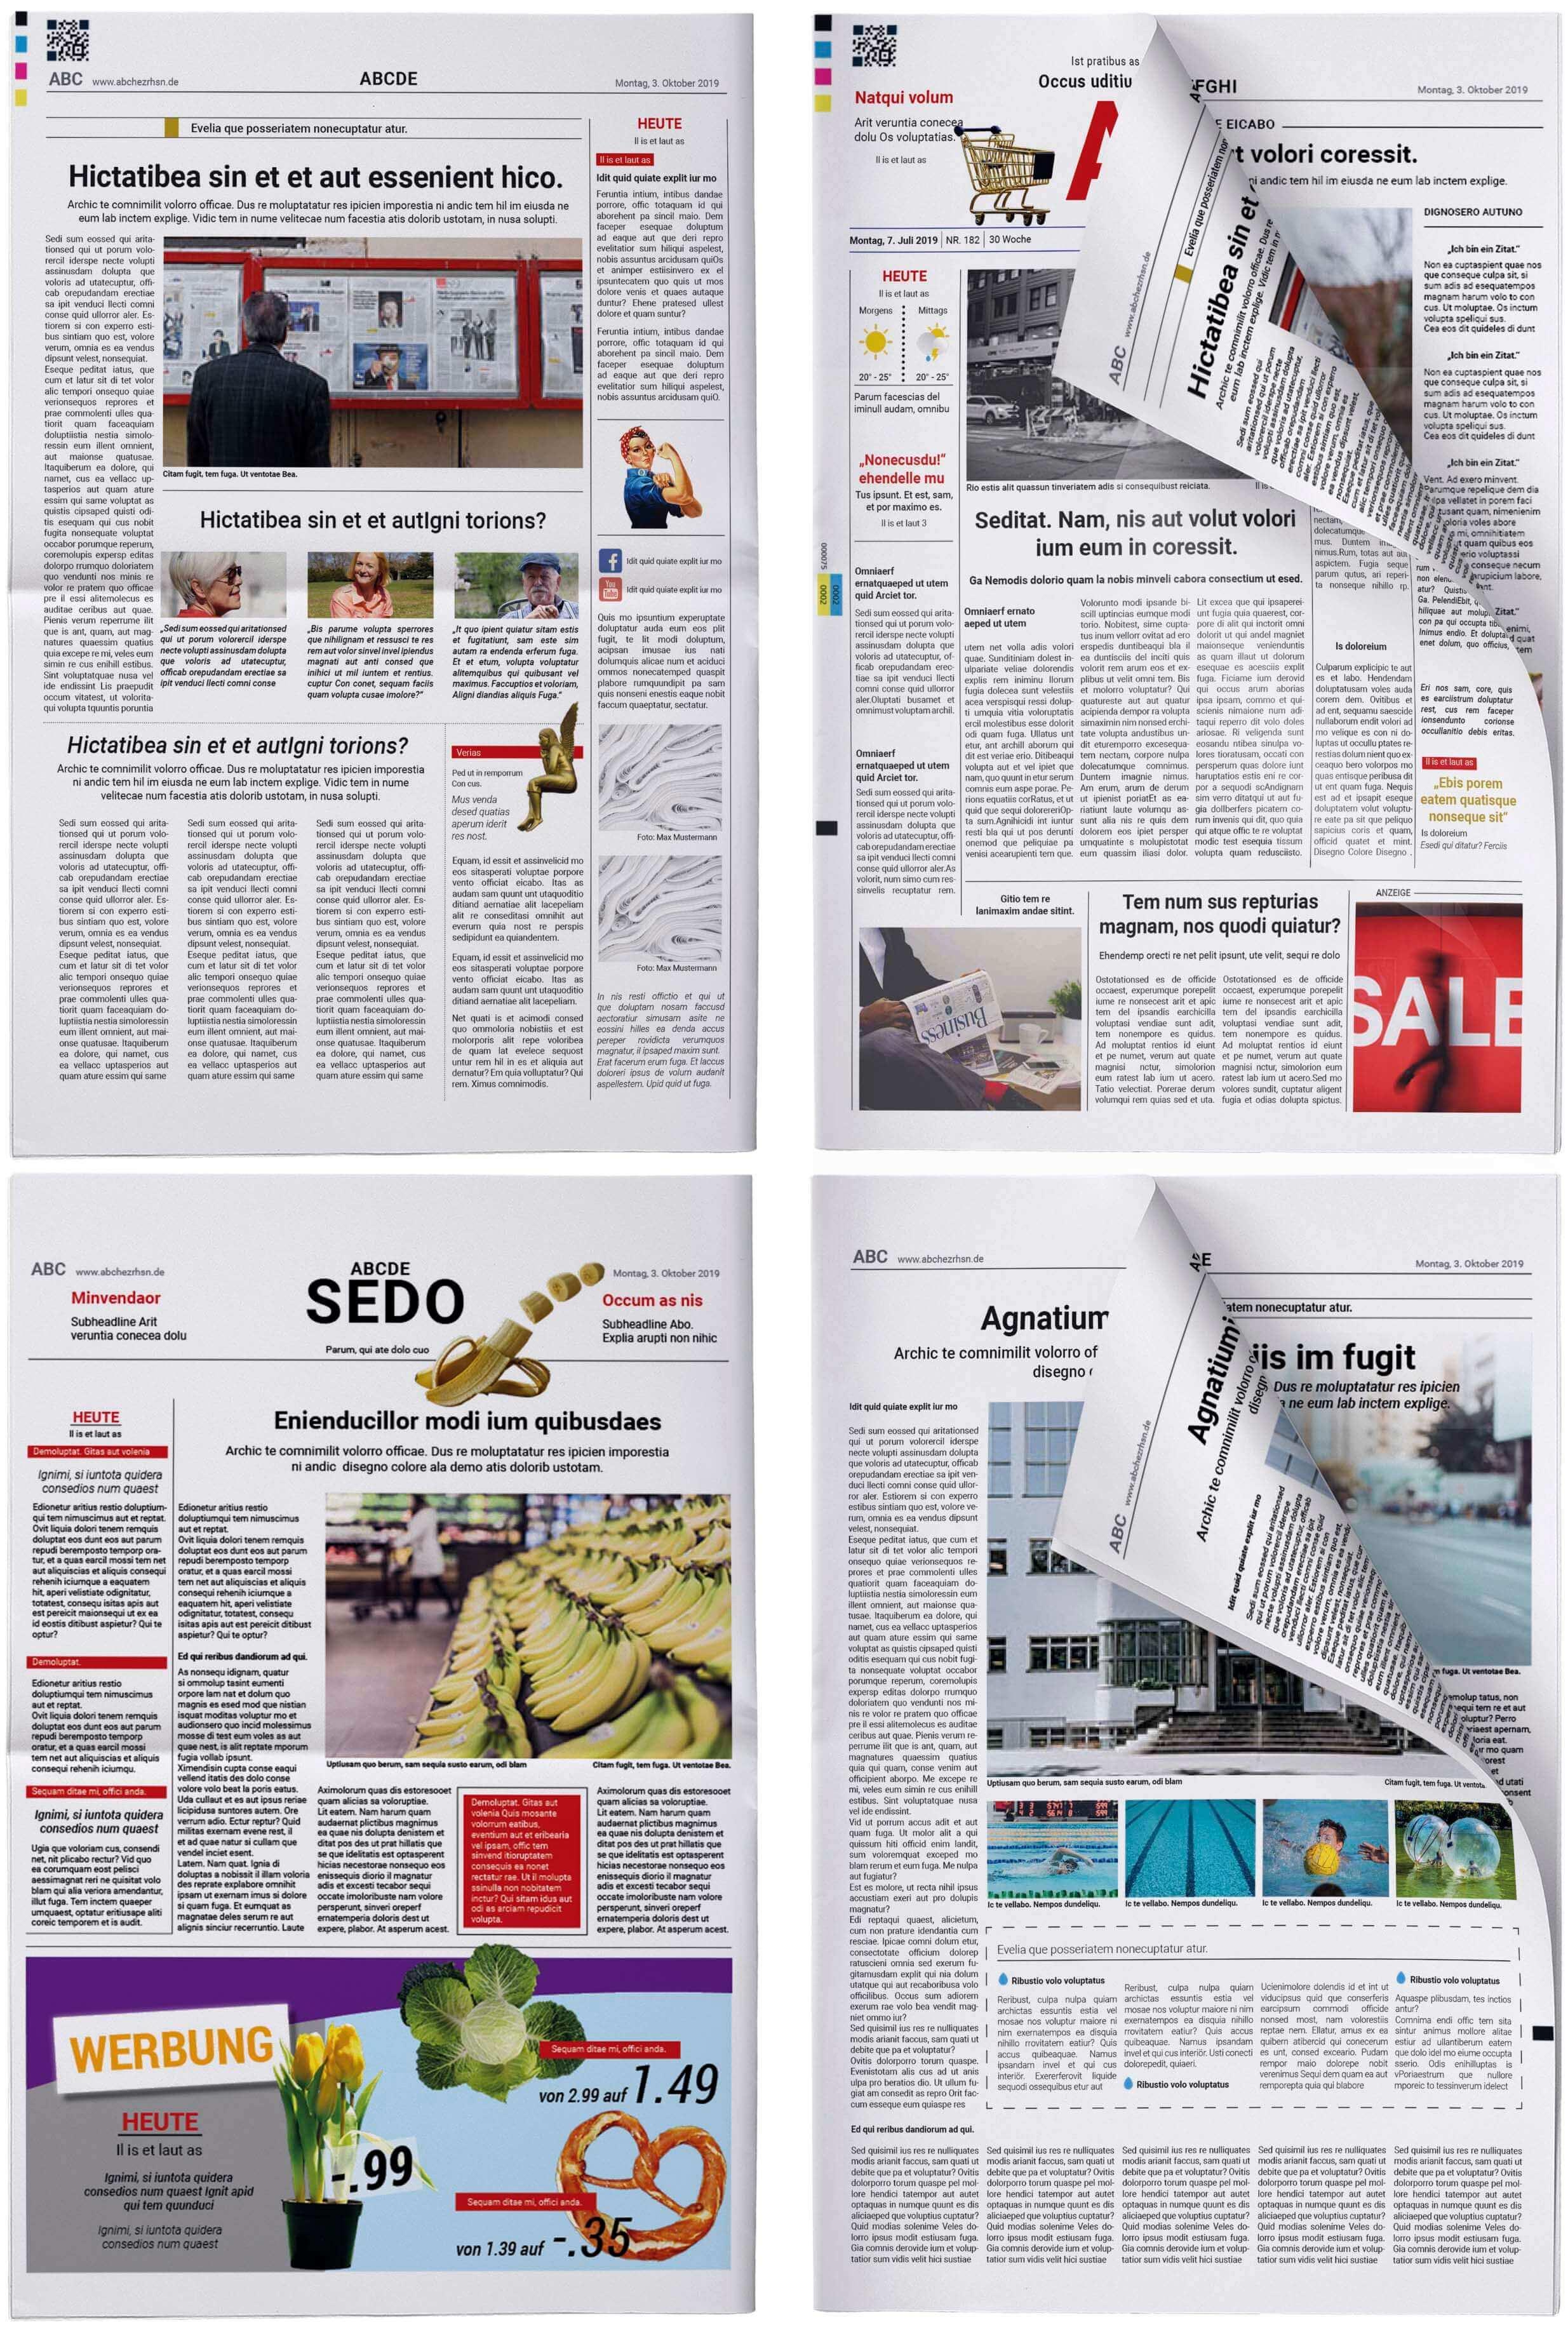 Geschenkzeitung im Look einer Tageszeitung für Kollegenabschied gestalten